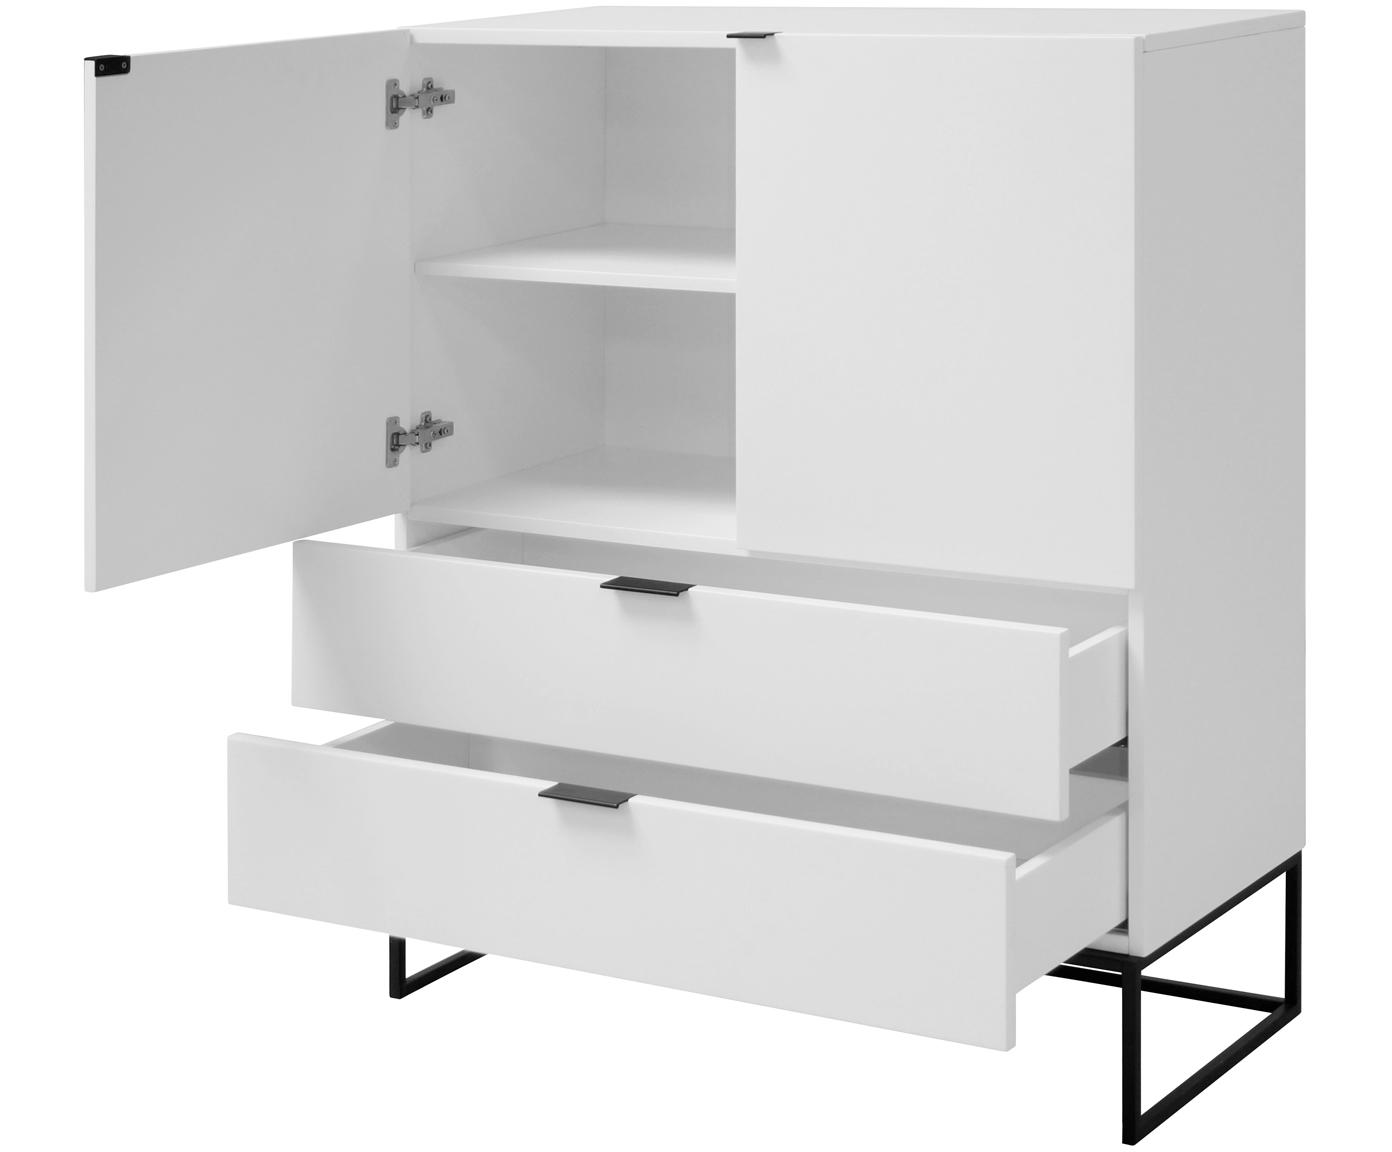 Wit dressoir Kobe met lades, Kast en voorzijde: mat wit. Frame en handvatten: mat zwart, B 100 cm